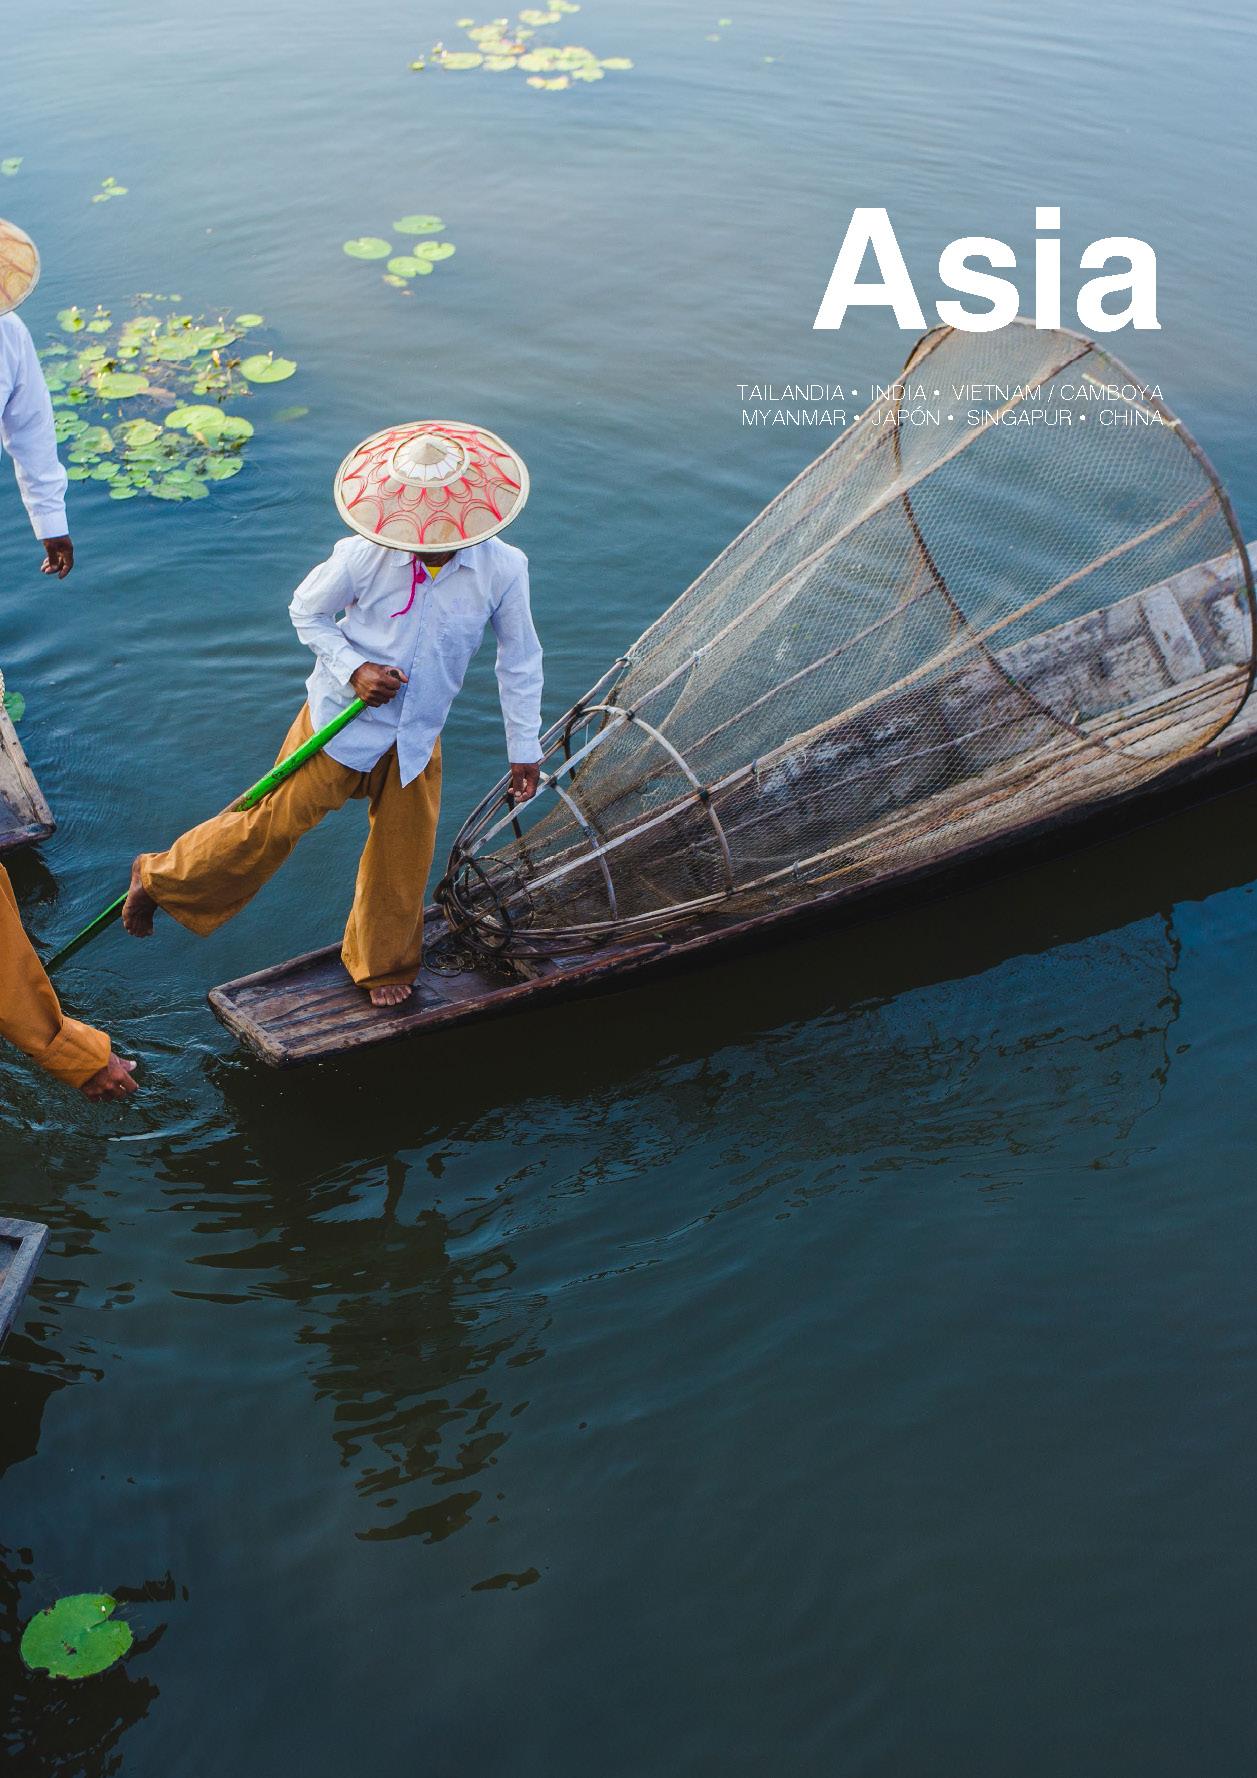 Catalogo Wamos Circuitos Asia 2021-2022